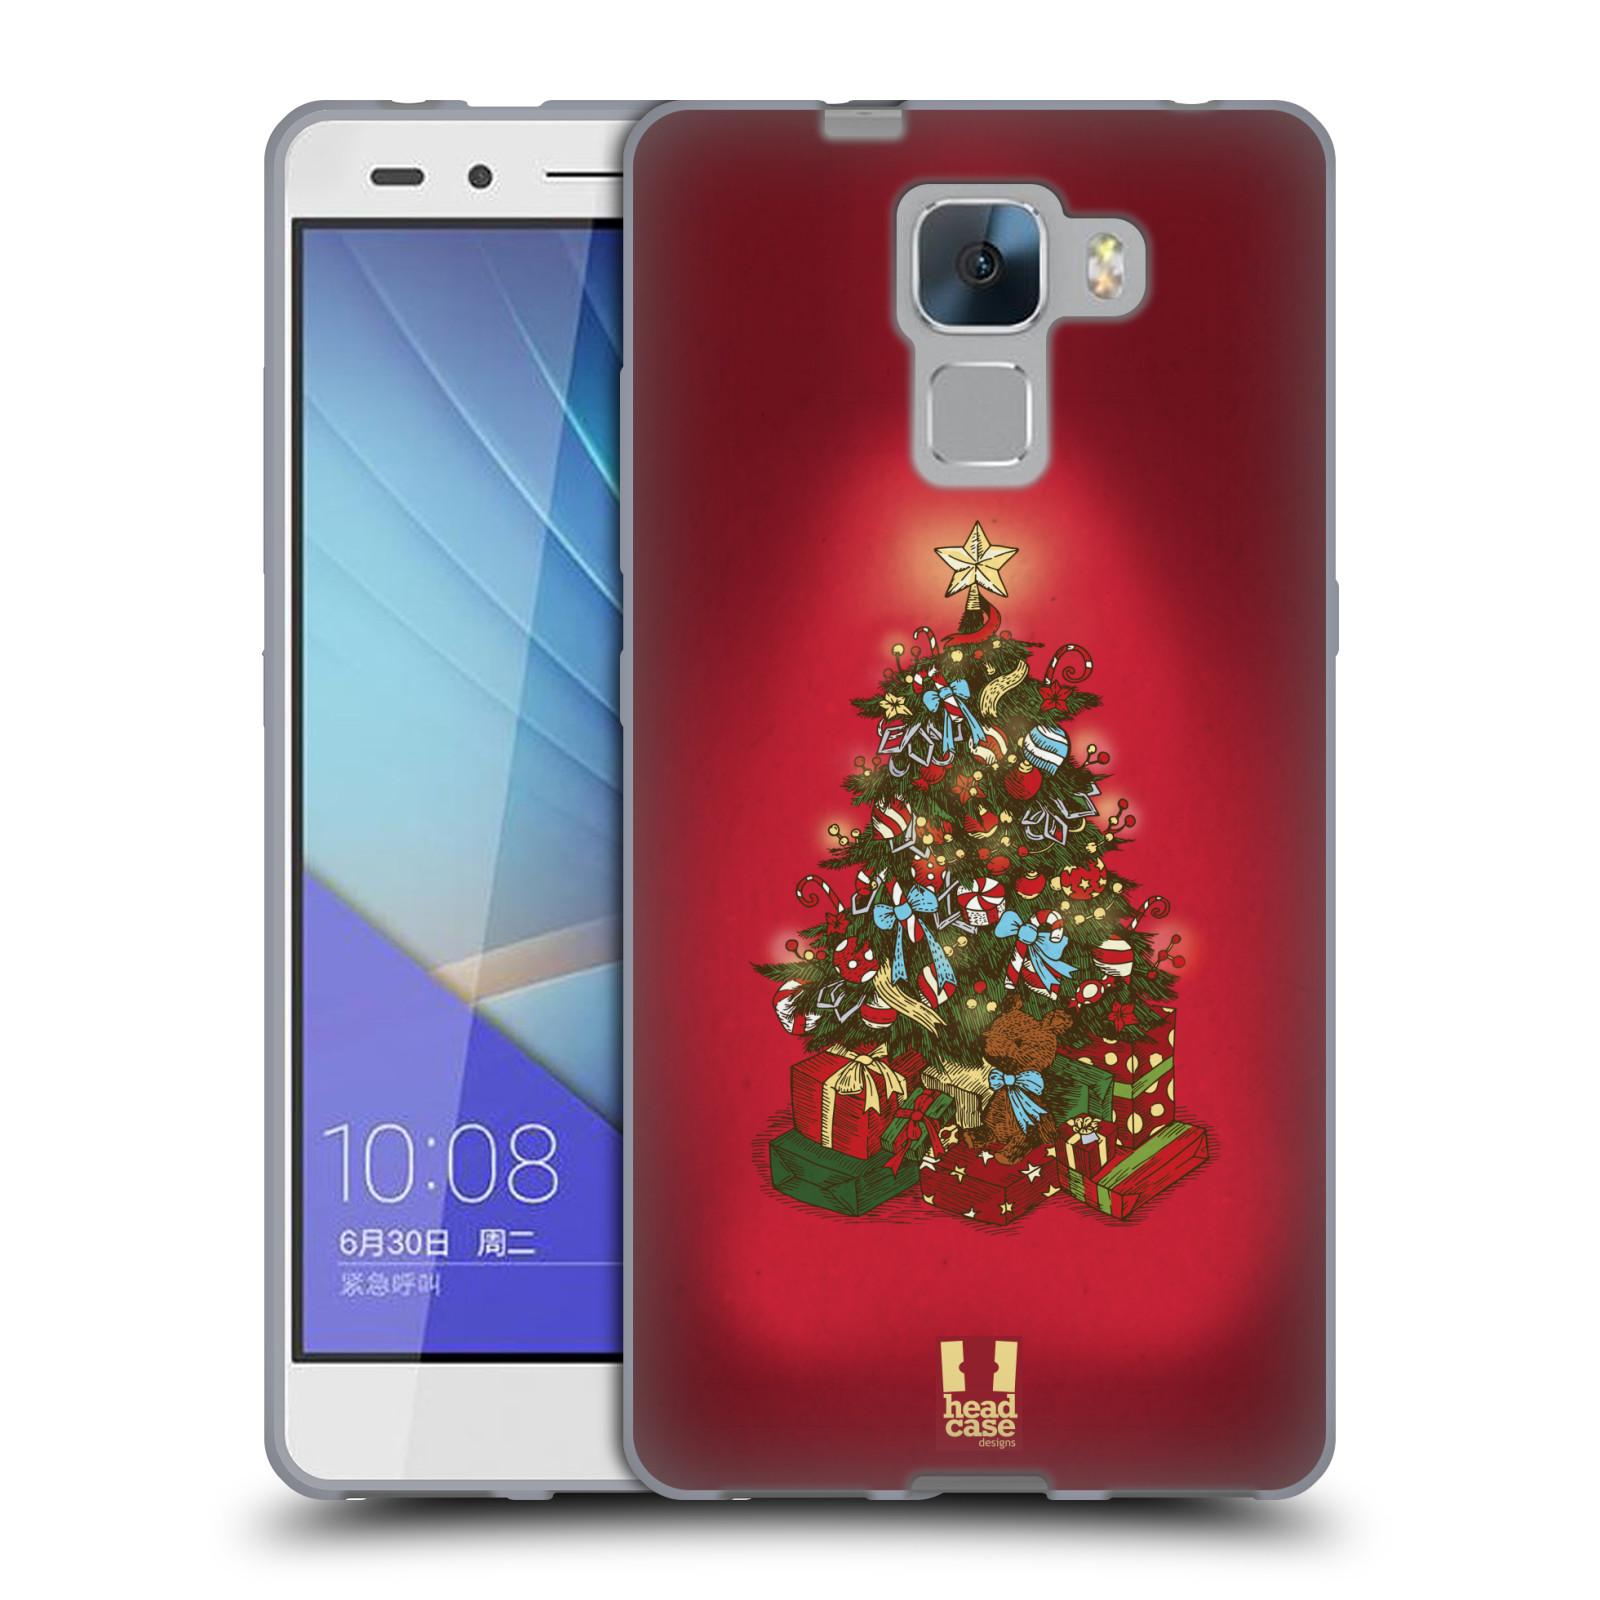 Silikonové pouzdro na mobil Honor 7 - Head Case - Stromeček